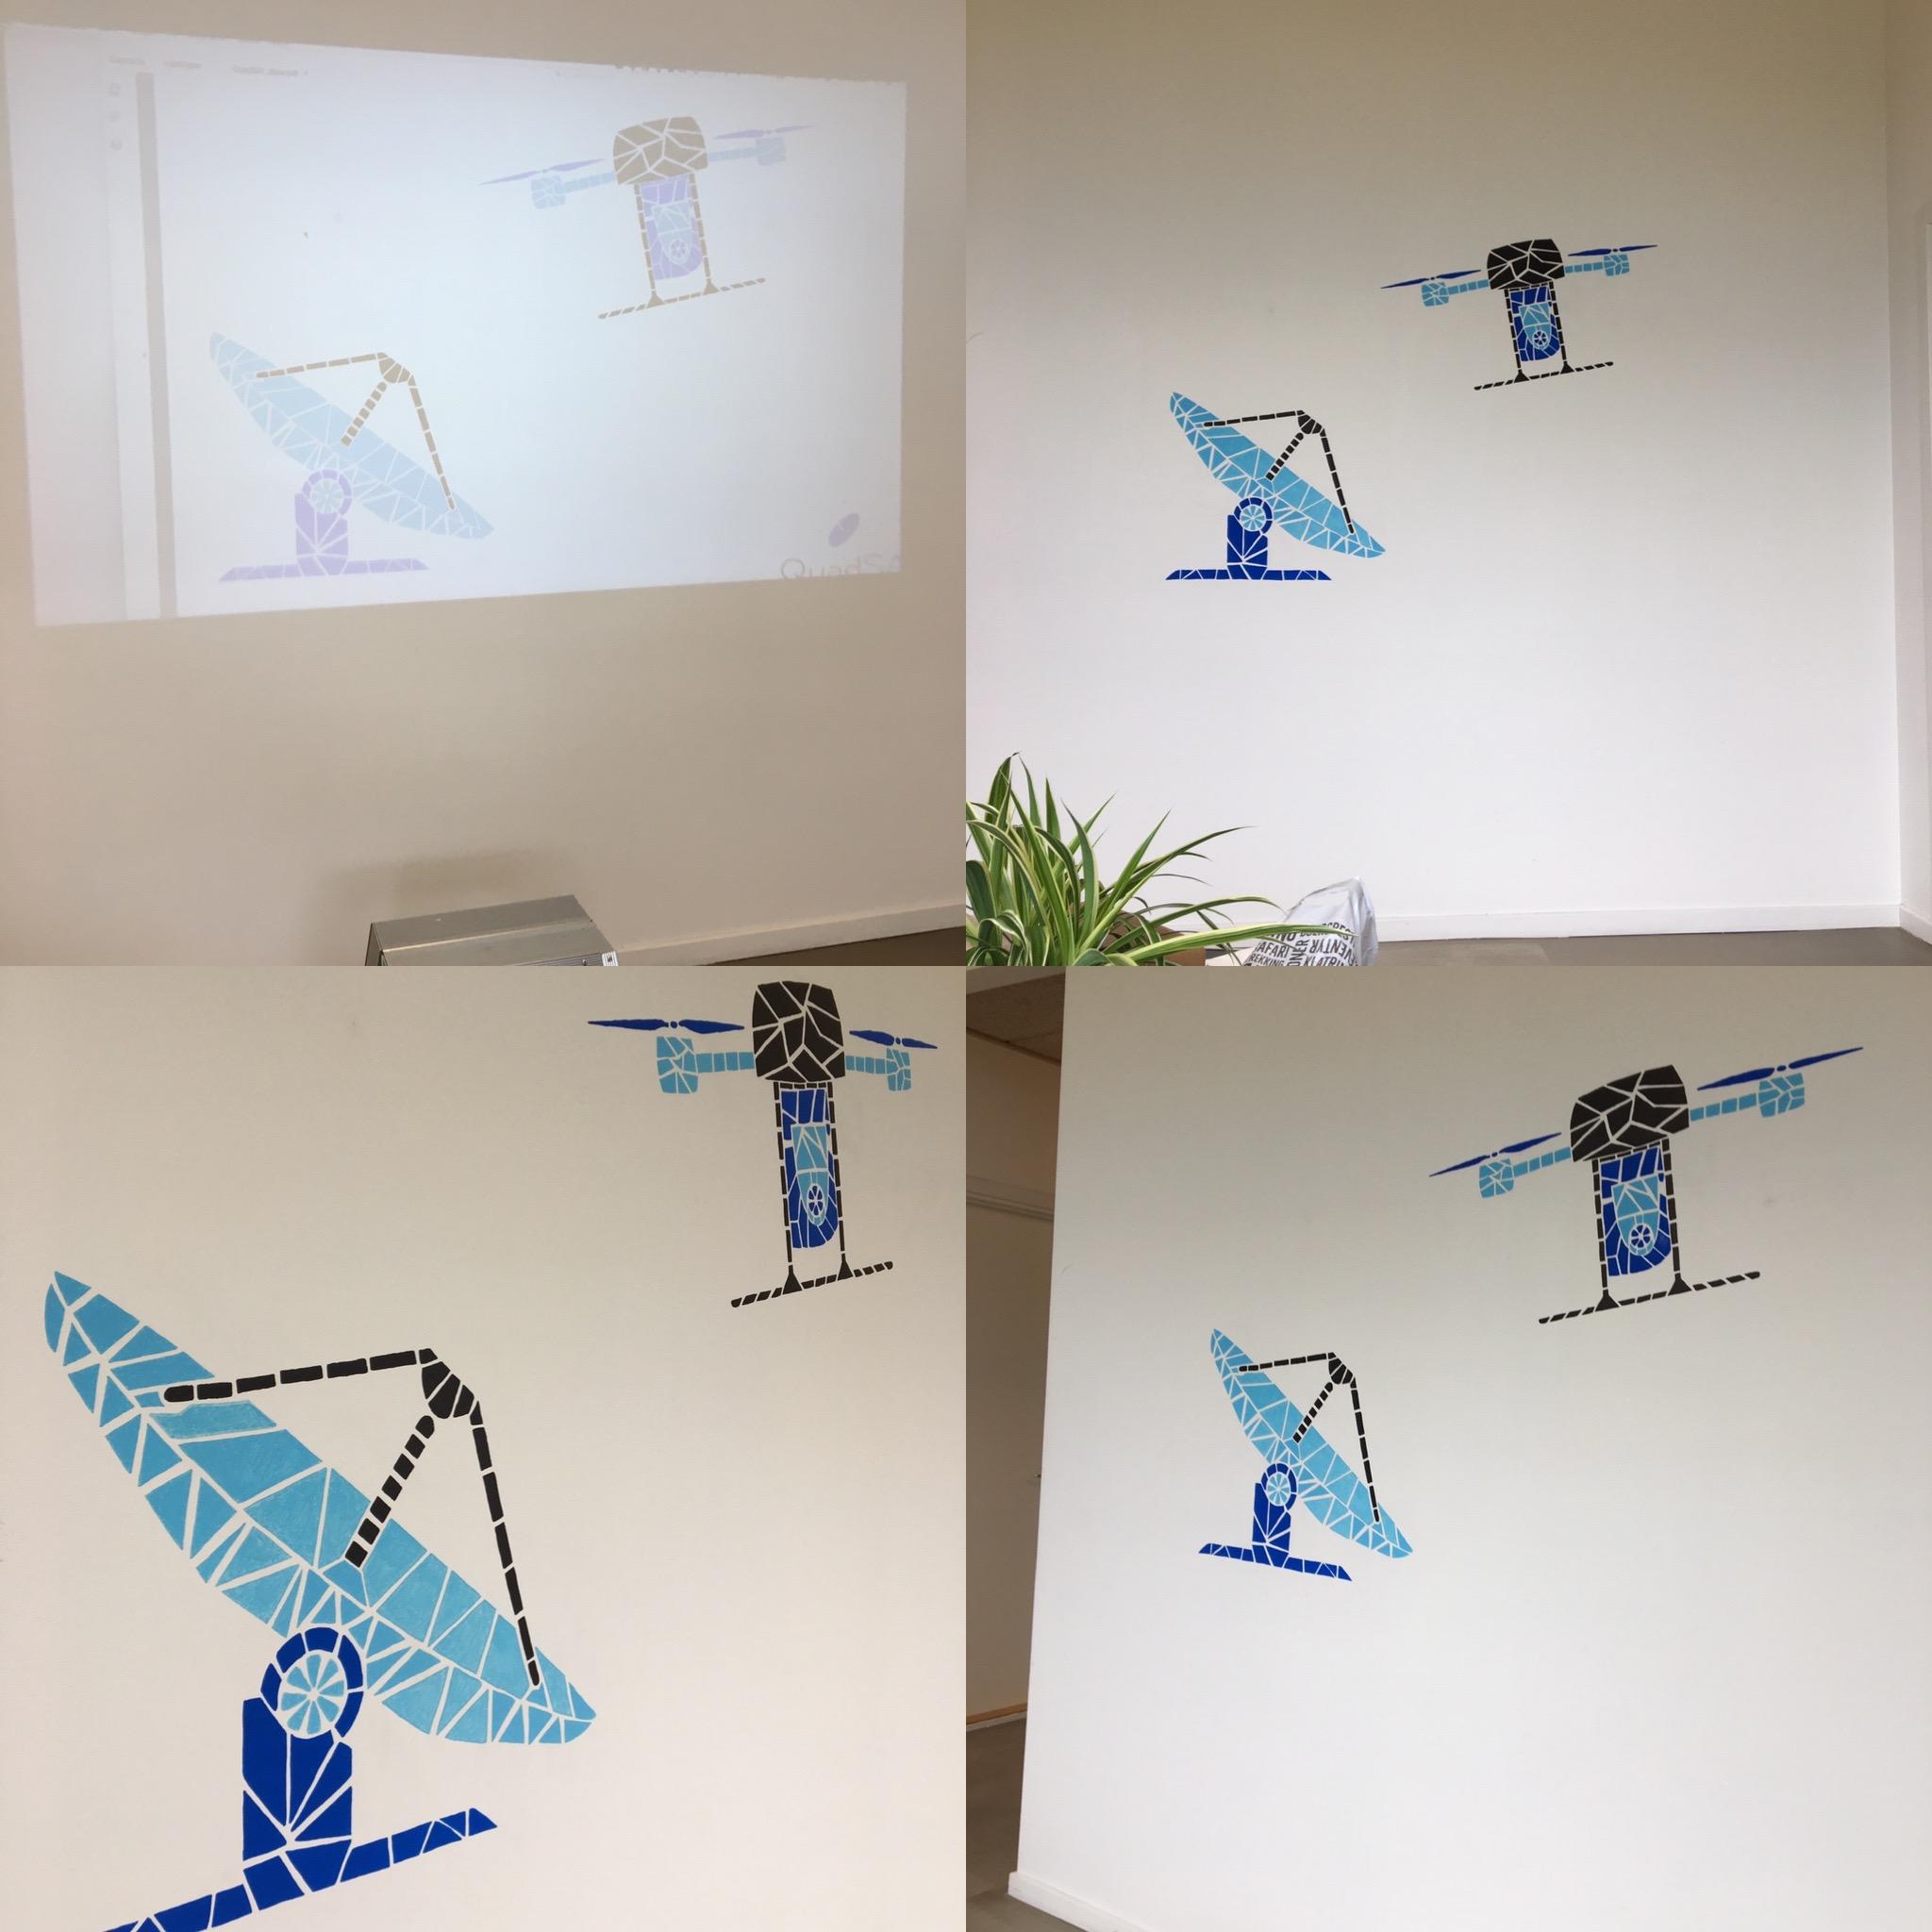 Vægdekoration af en antenne og drone designet af mange små trekanter.